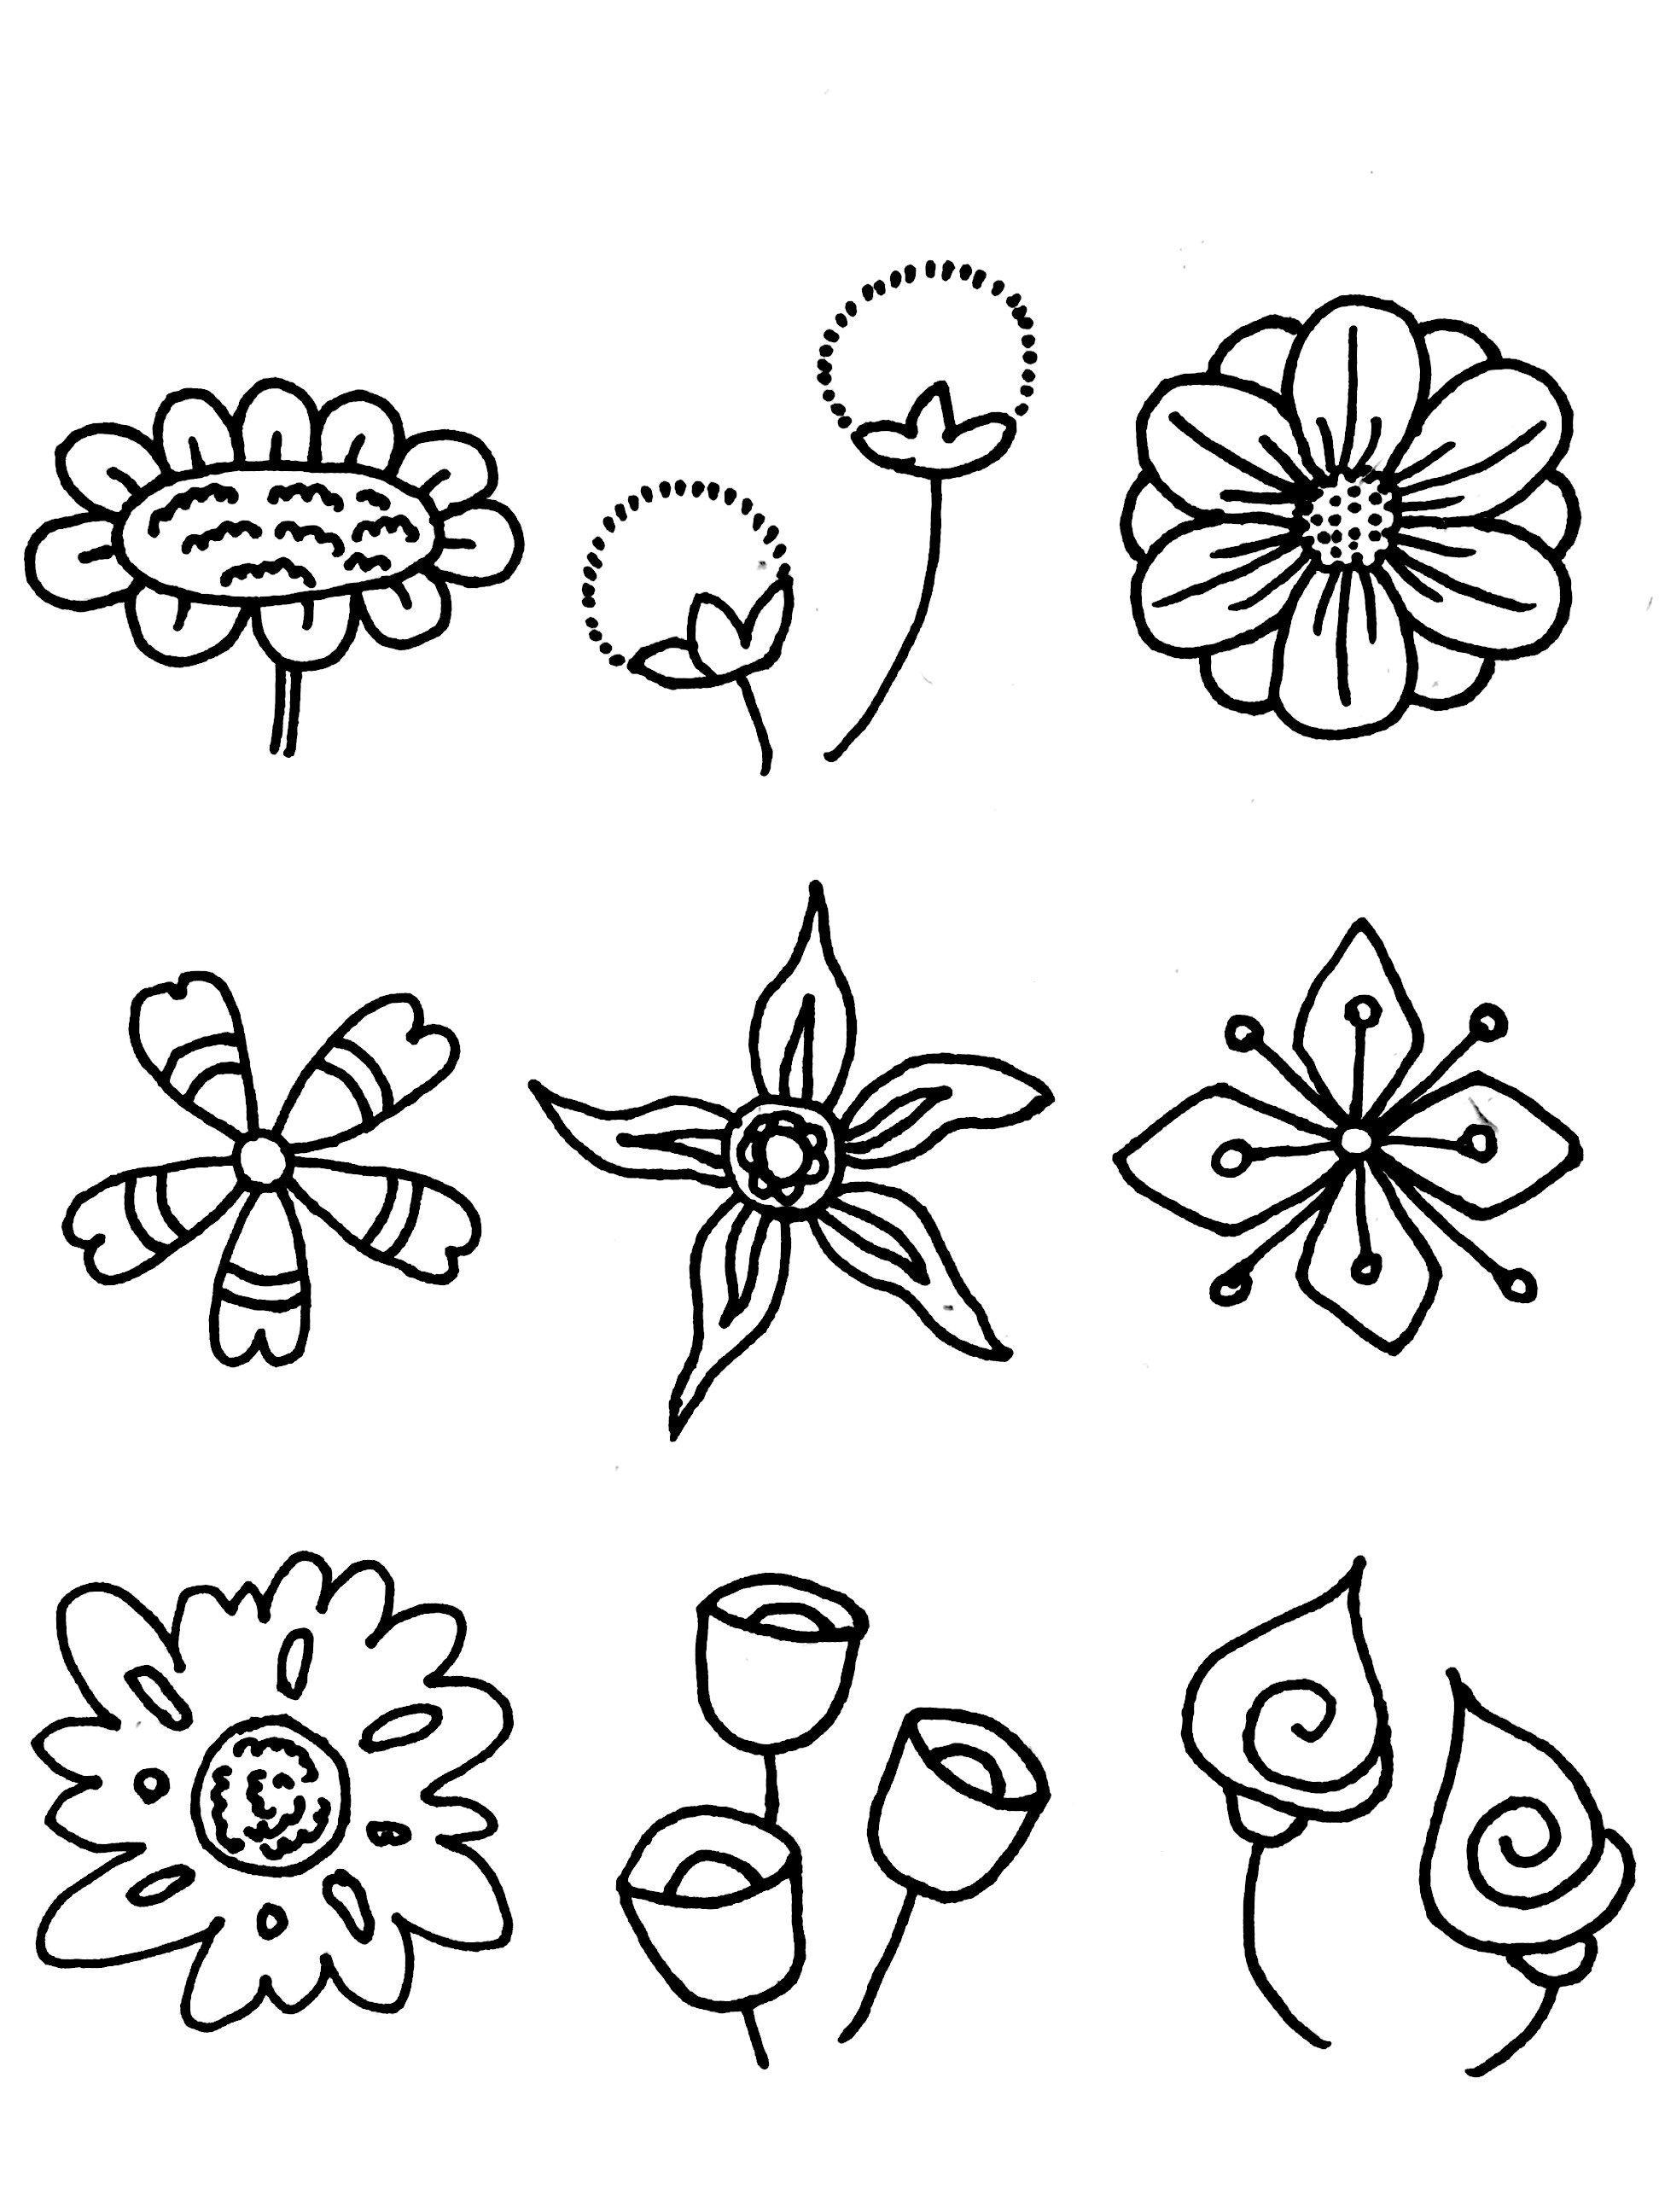 分享50种各类花朵的线描简笔画,值得收藏!